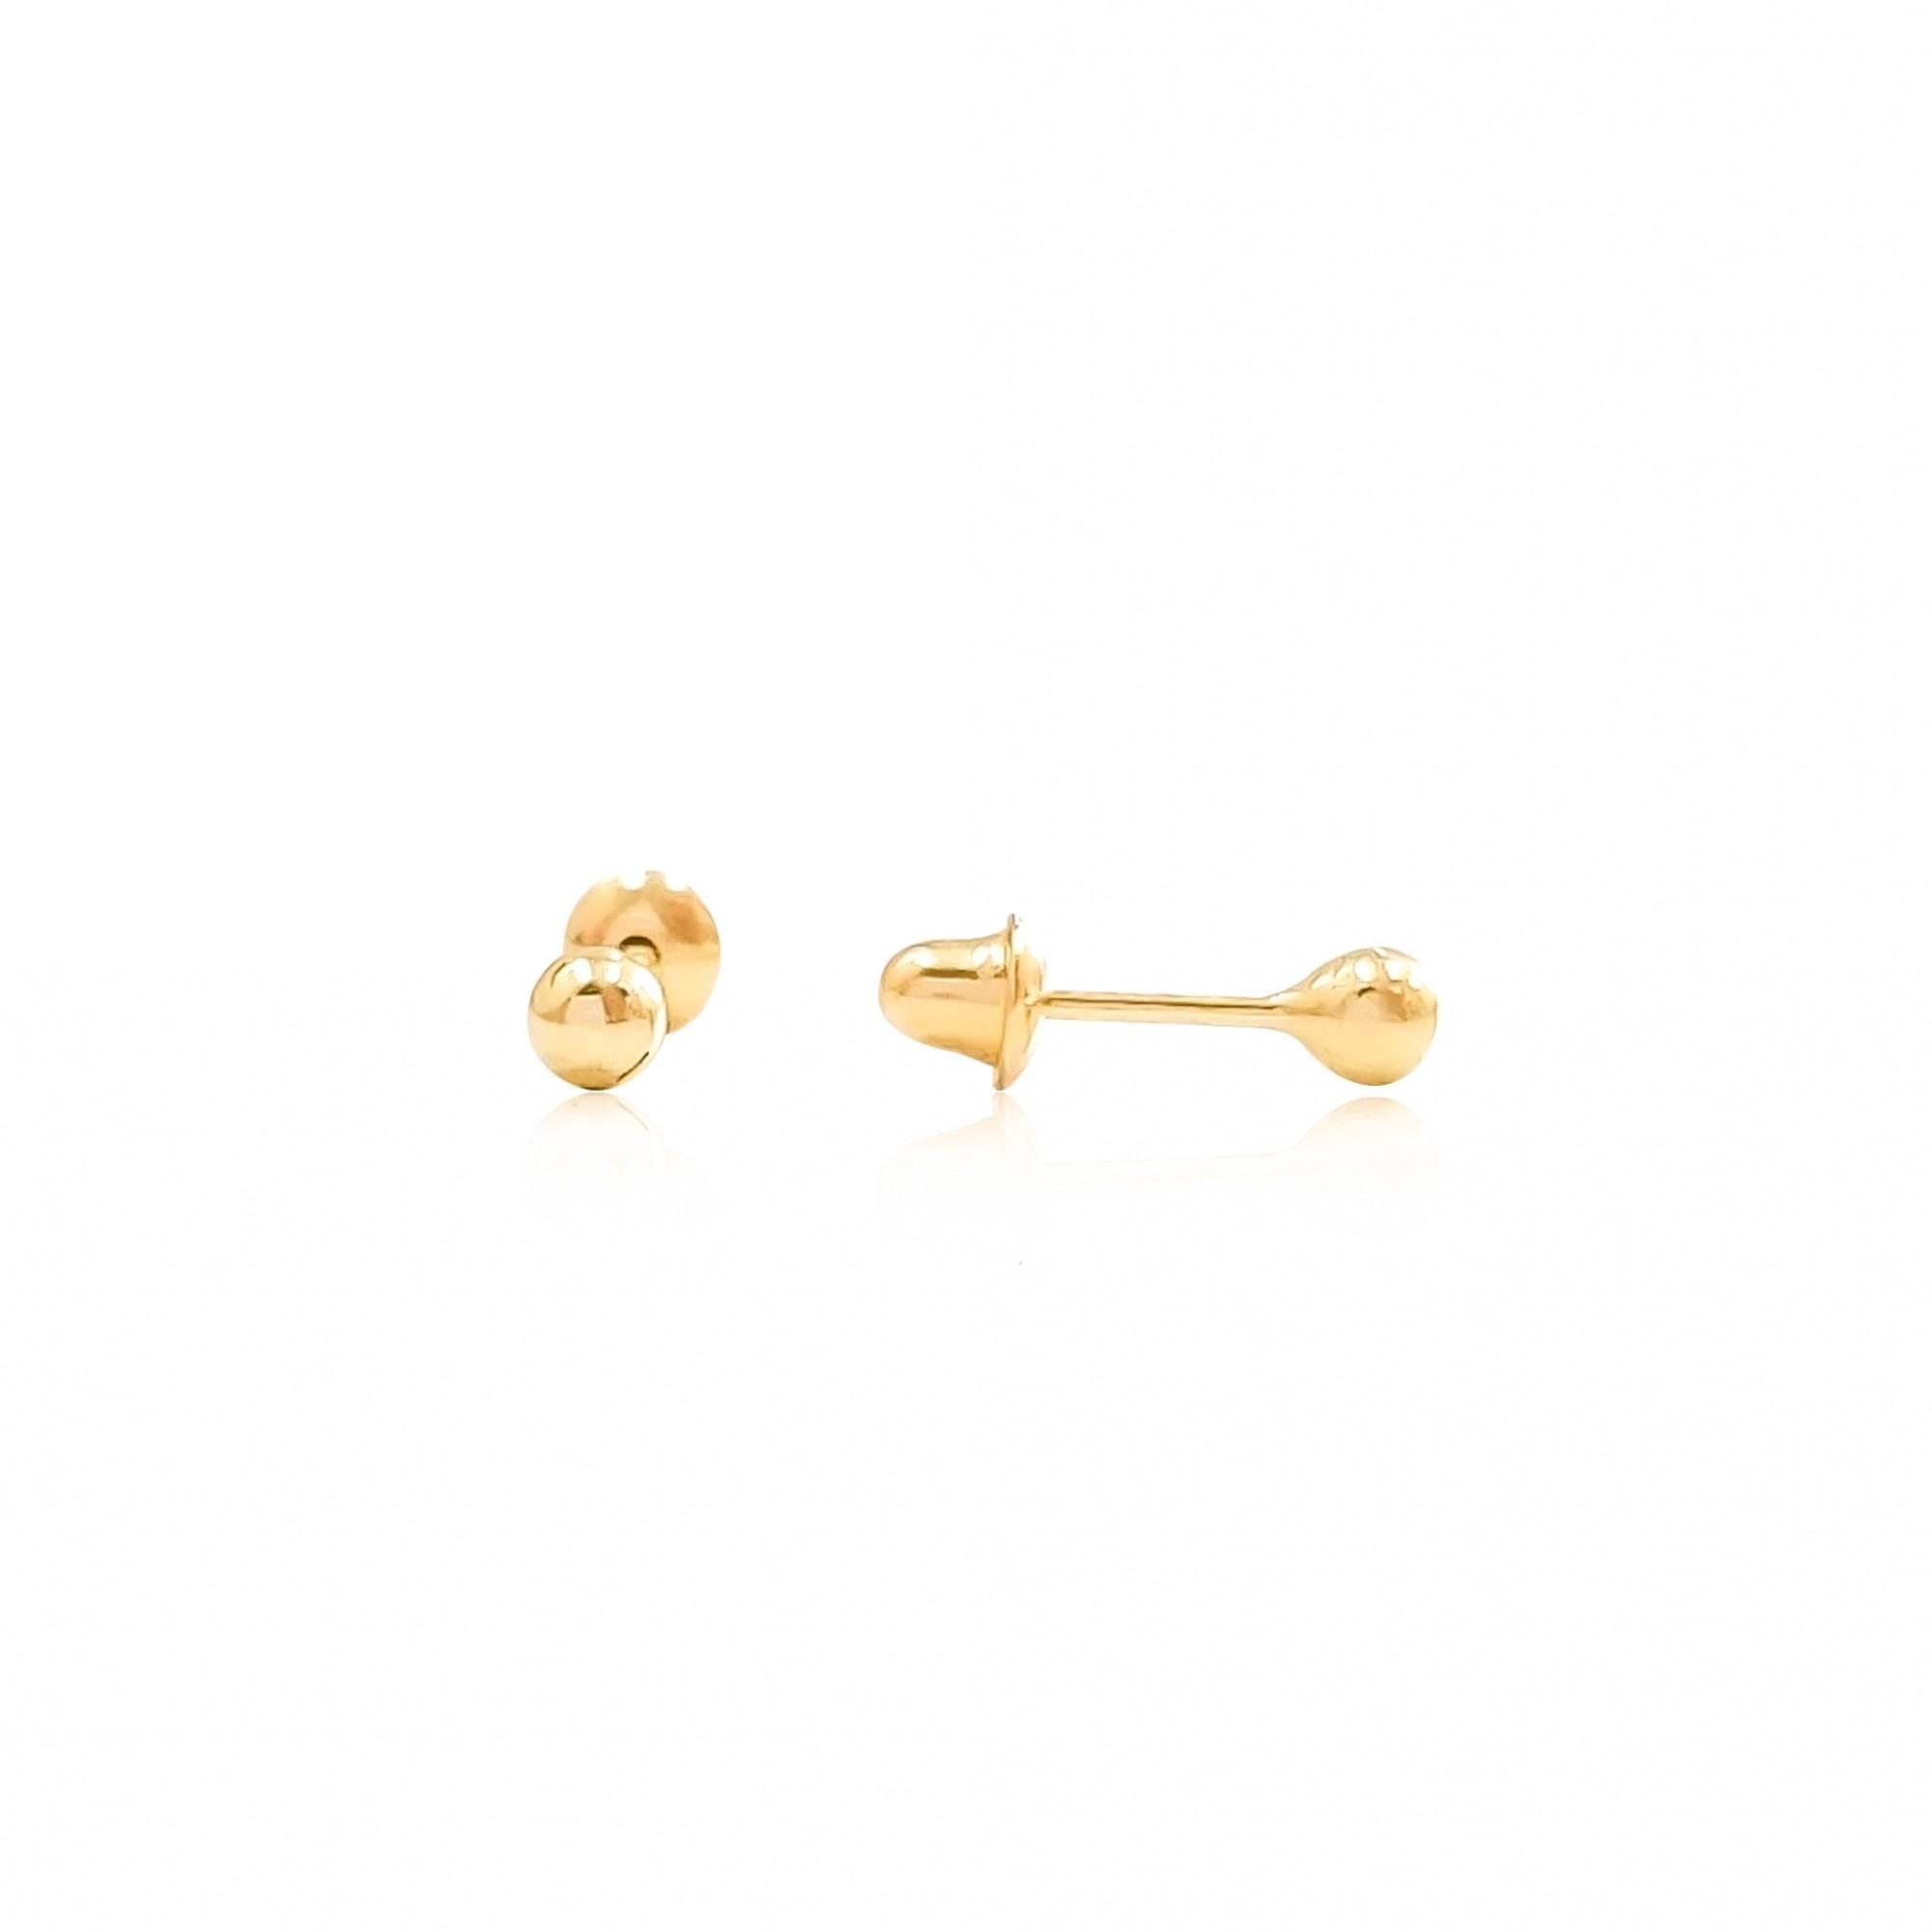 Brincos de Bolinha Infantil Baby em Ouro 18K 2,5mm